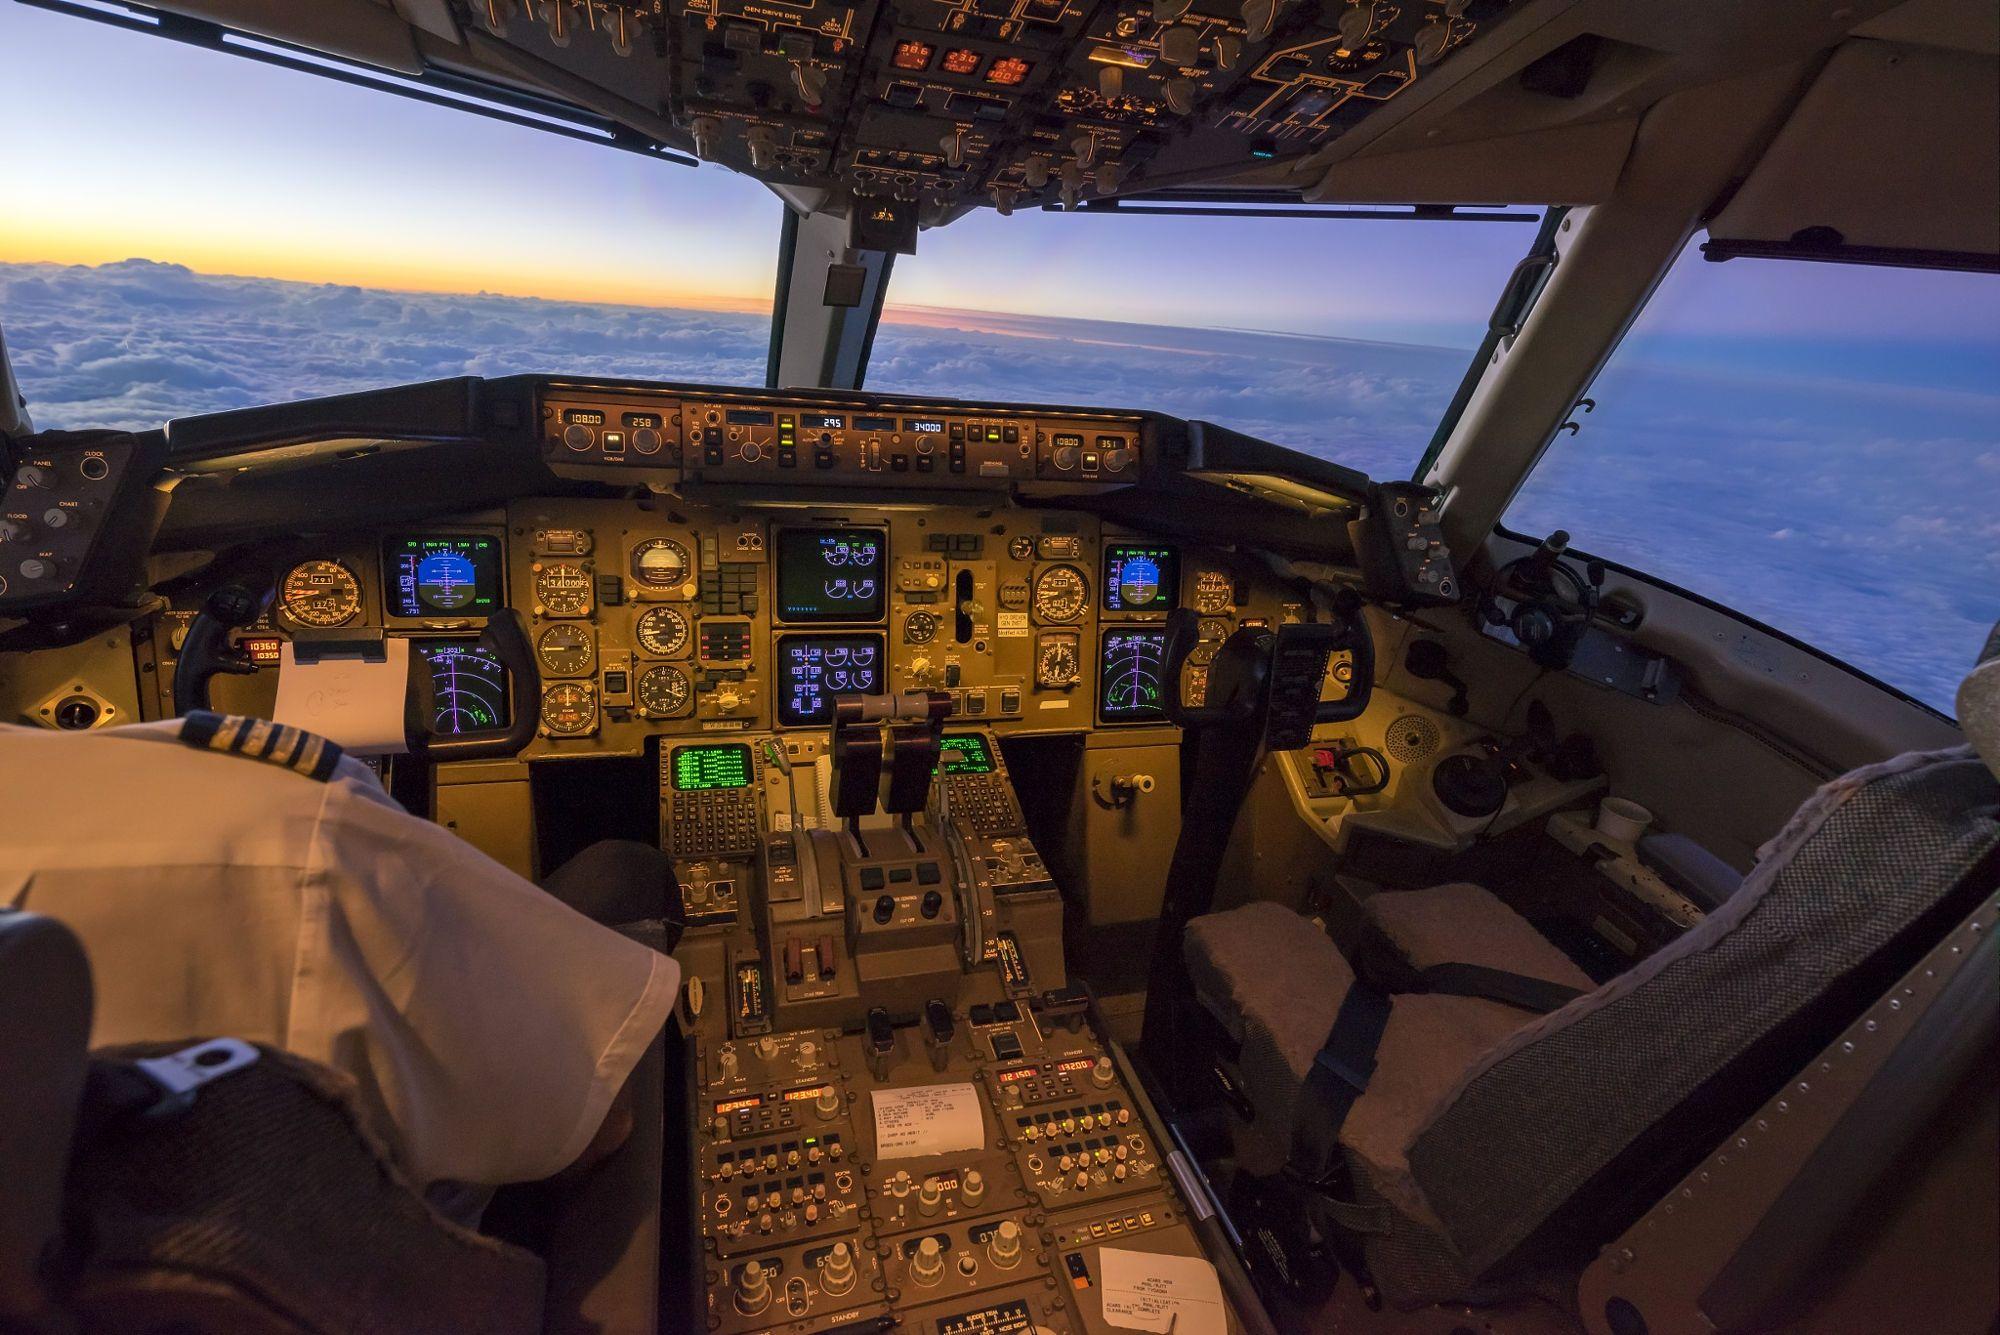 B767 300er Flight Deck By Scott Ritchie On 500px Flight Deck